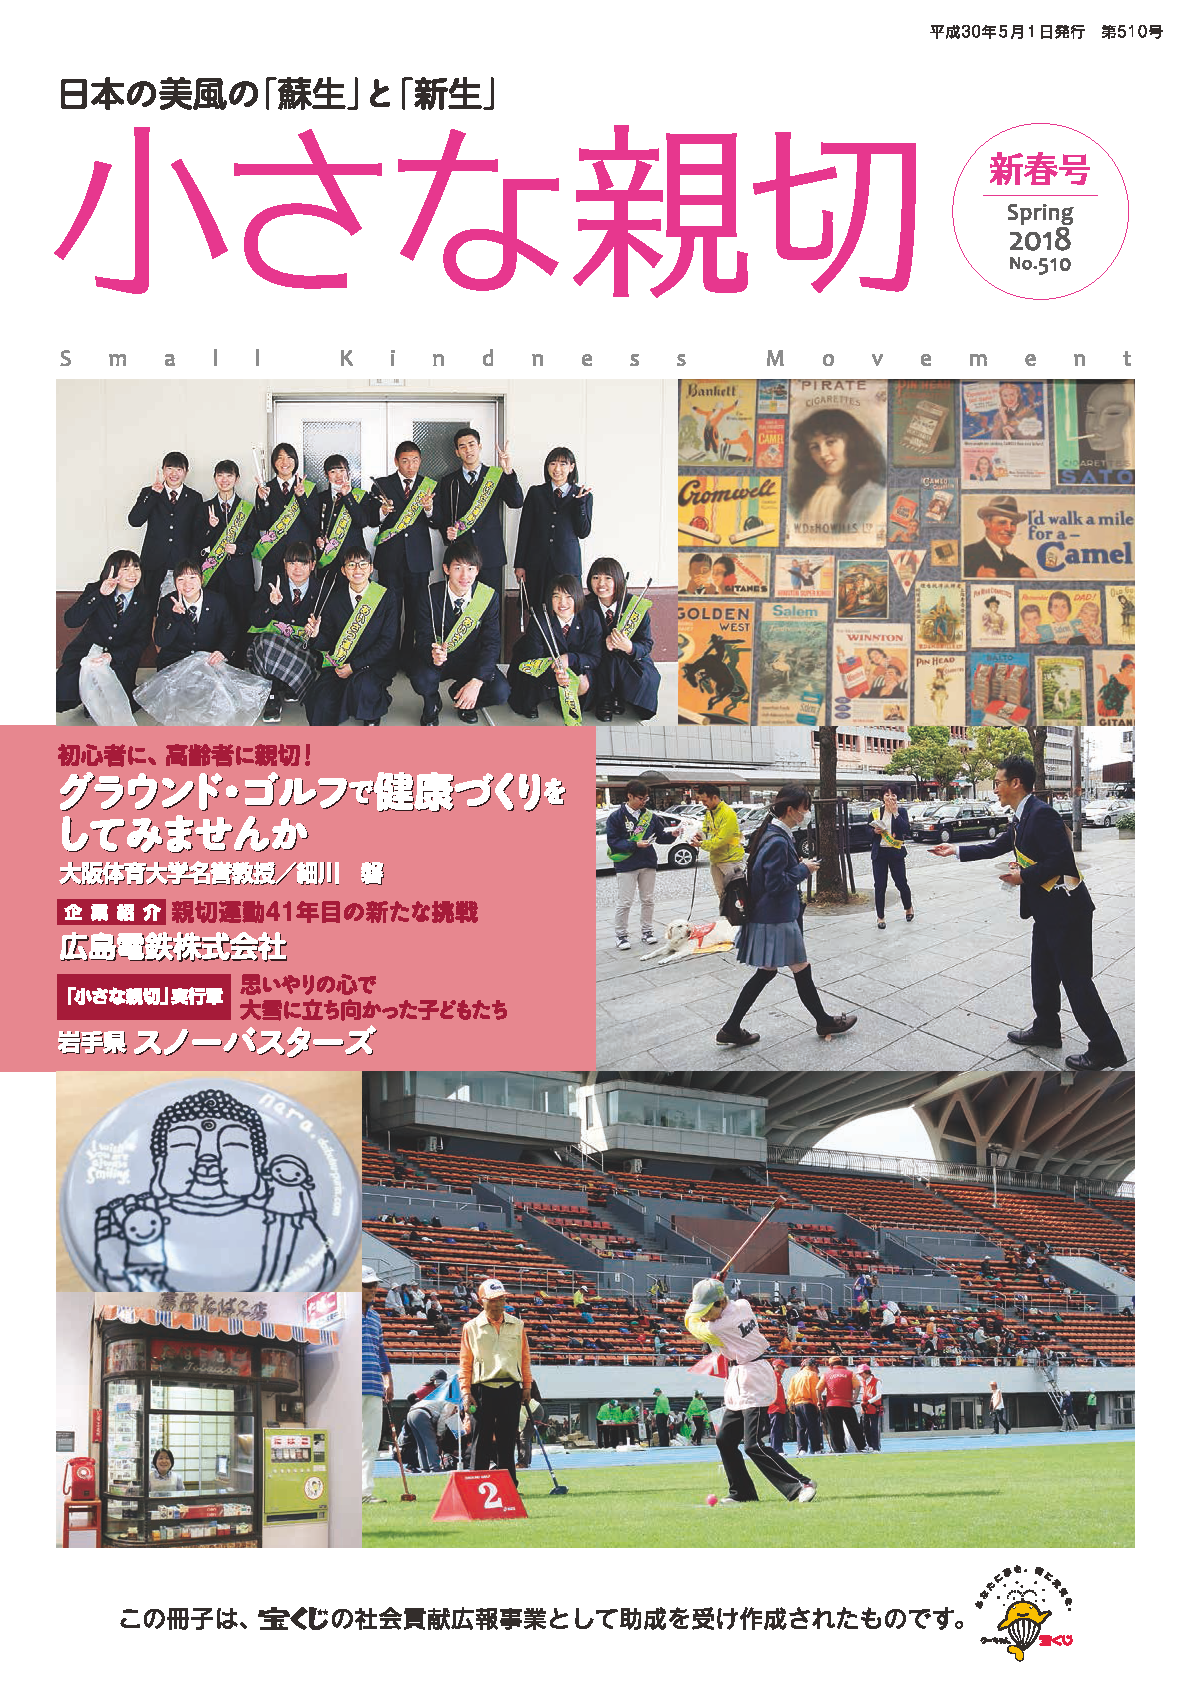 【お詫び】情報誌「小さな親切」春号(№510)について